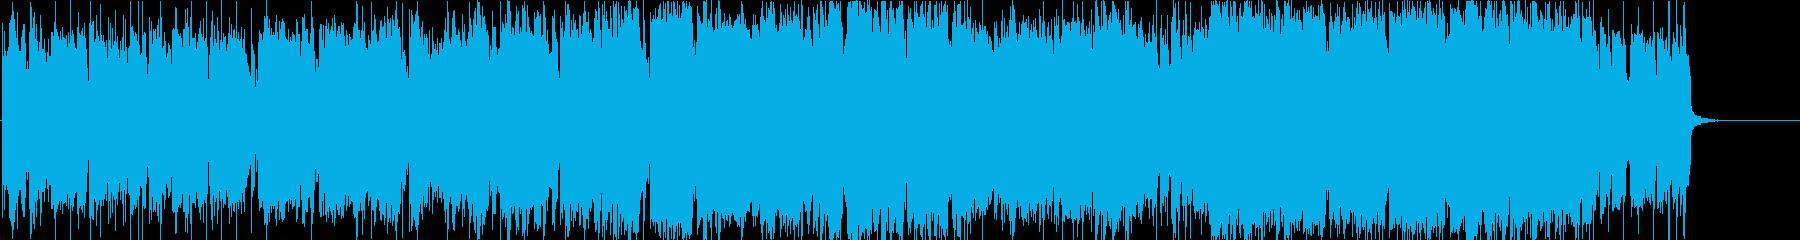 前向きでメロディアスなロックの再生済みの波形